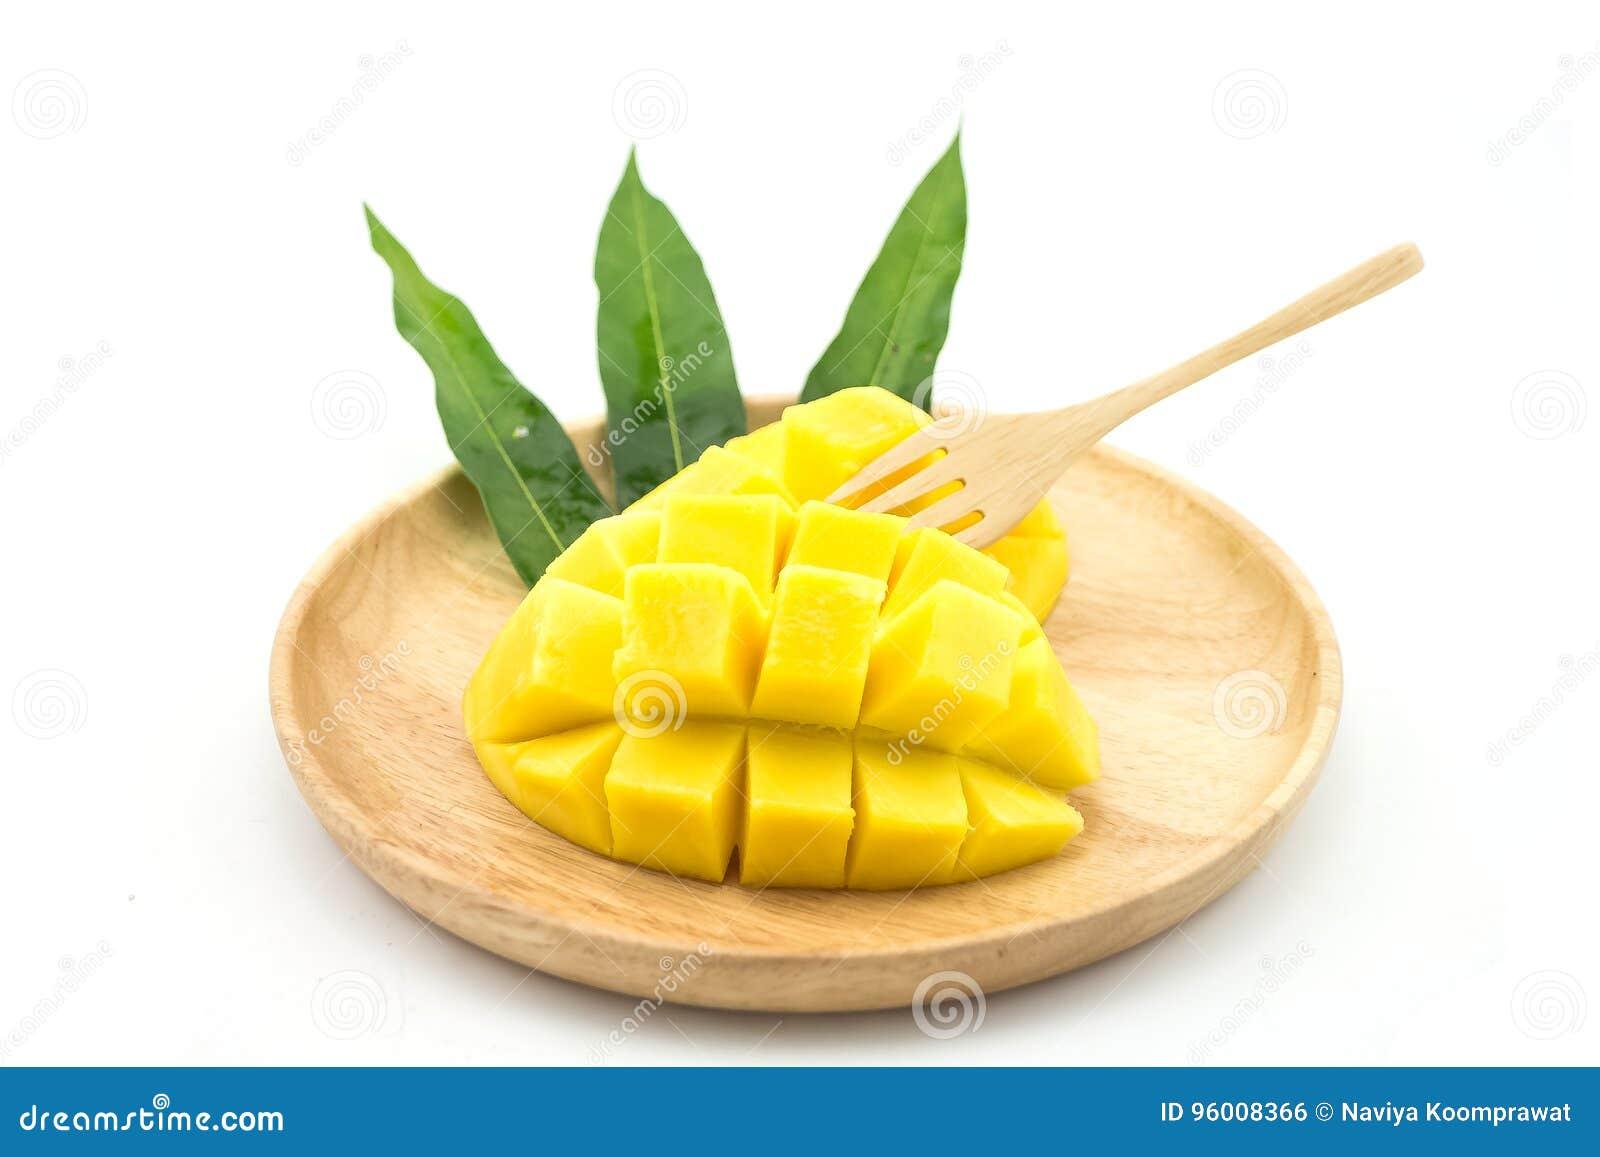 Mango de oro preparado en plato de madera